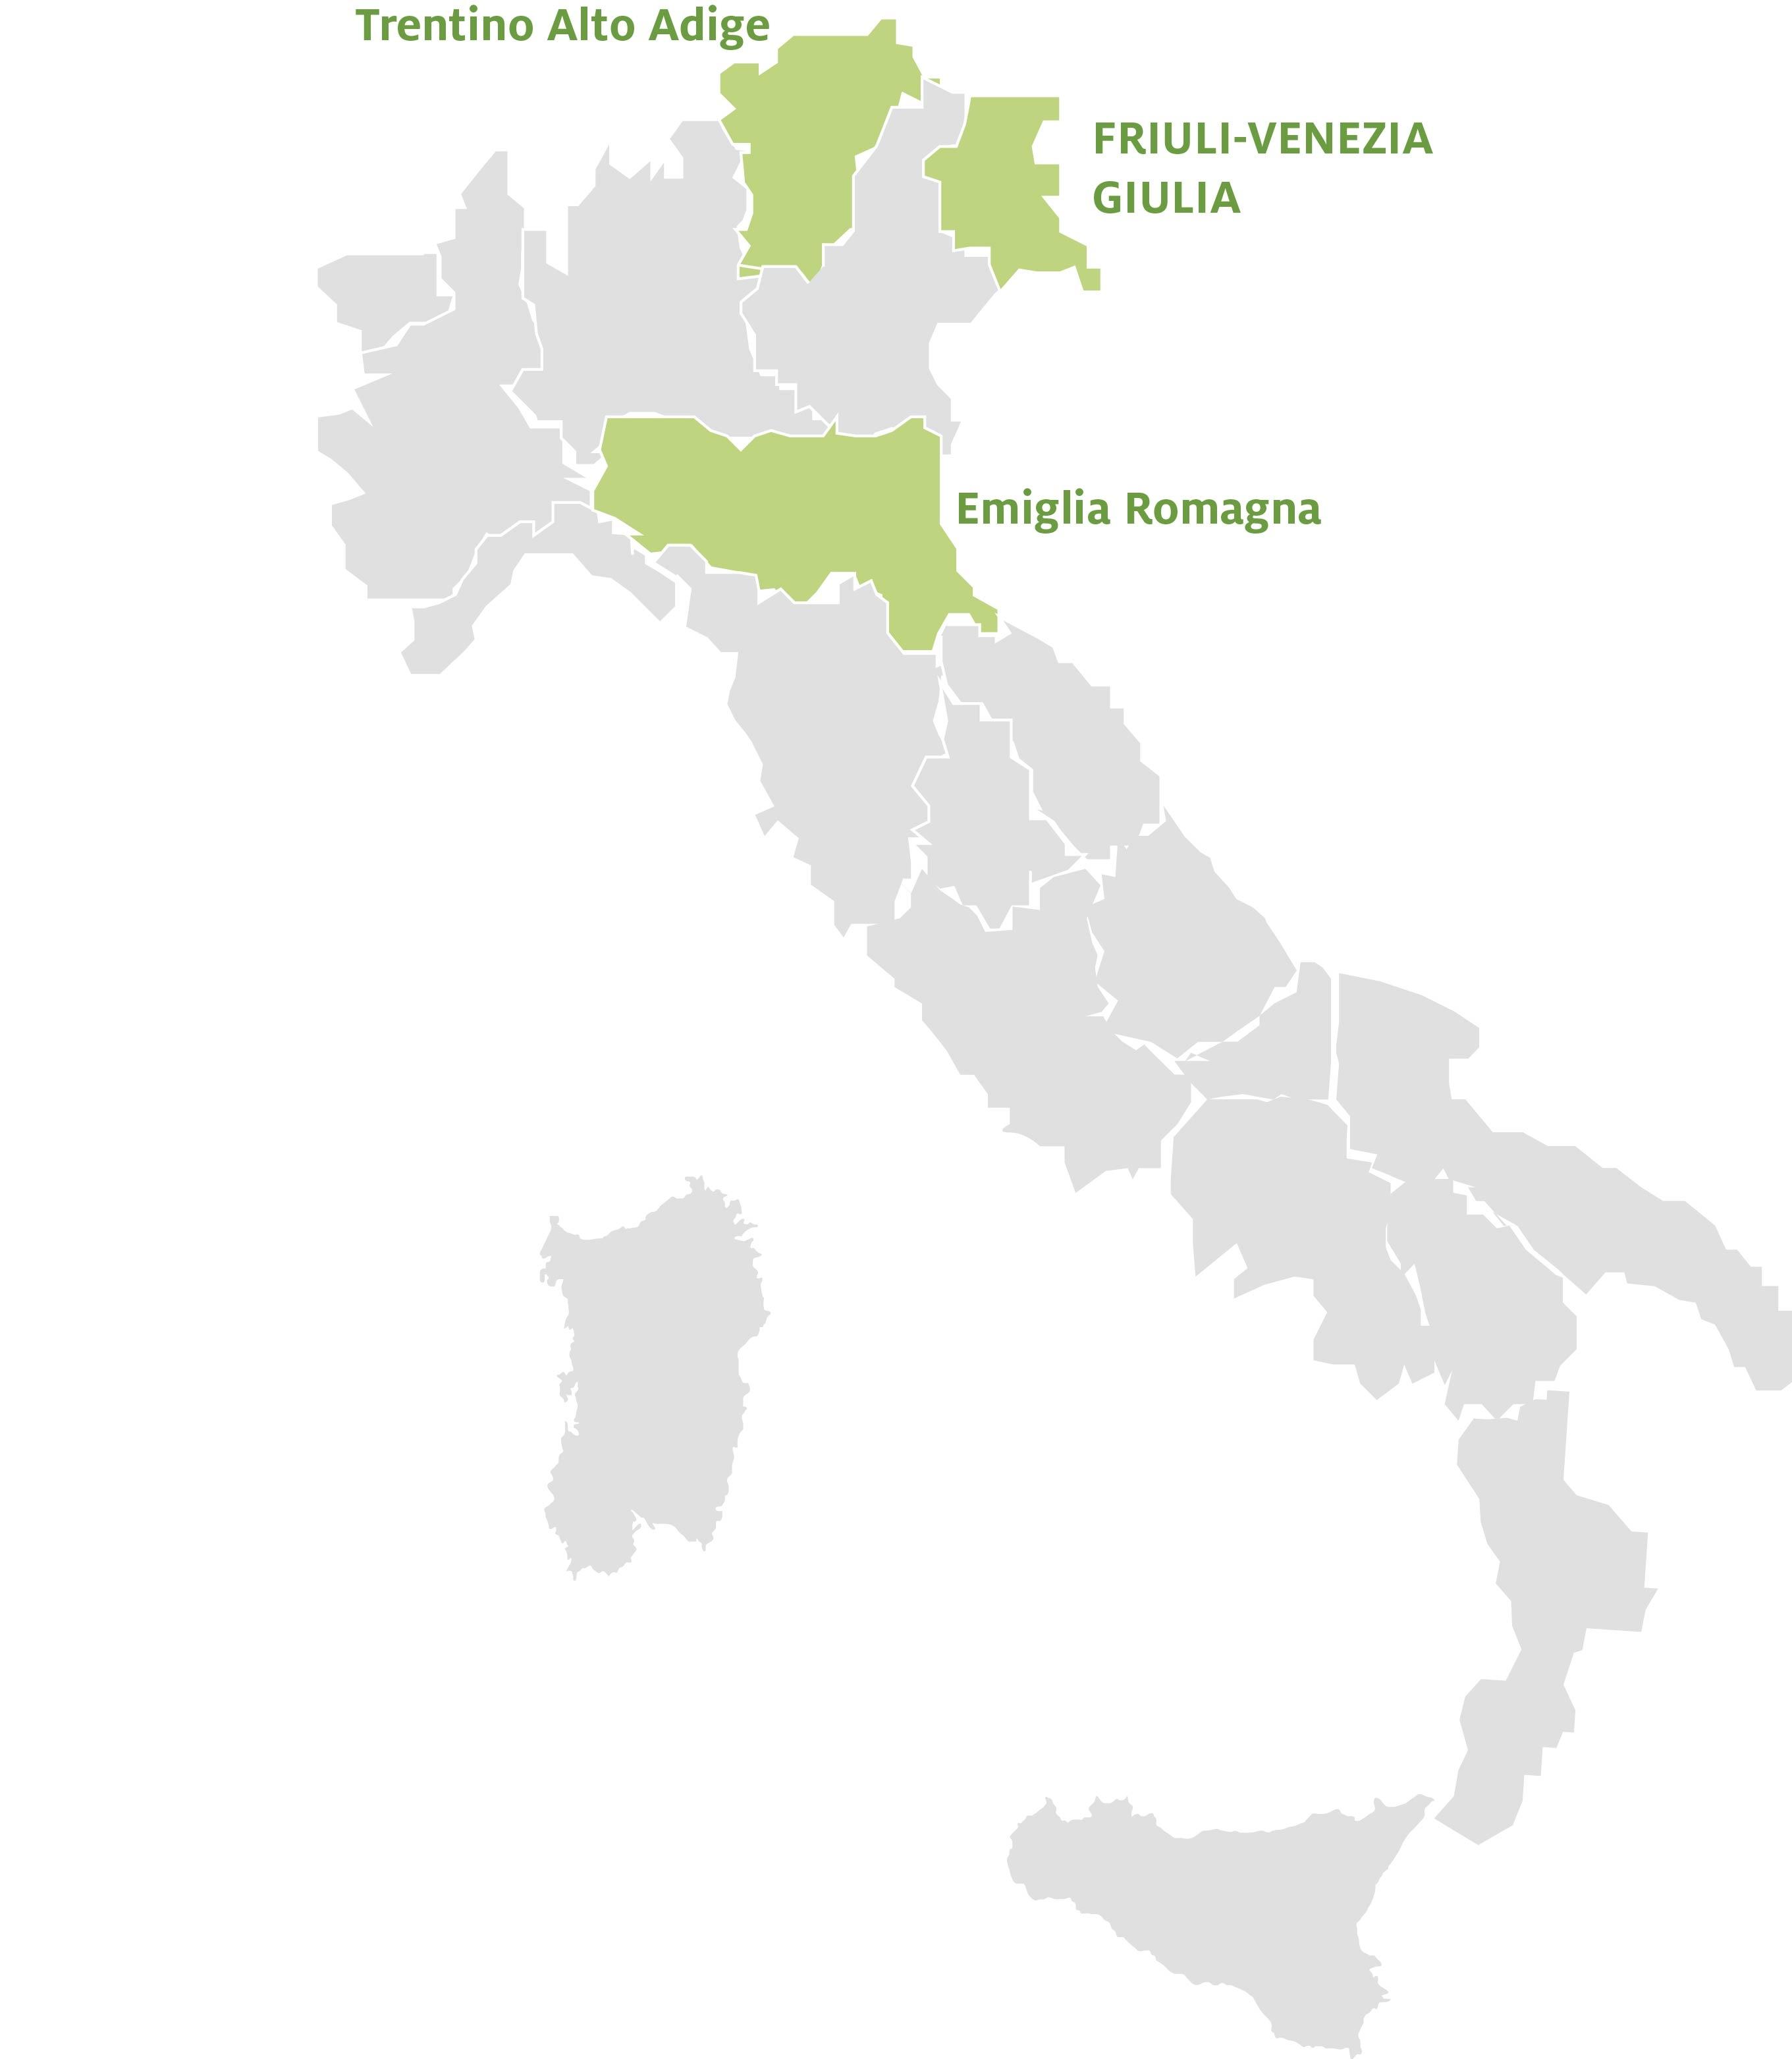 Karte Italien Regionen.Schüleraustausch Italien Regionswahl Ayusa Intrax